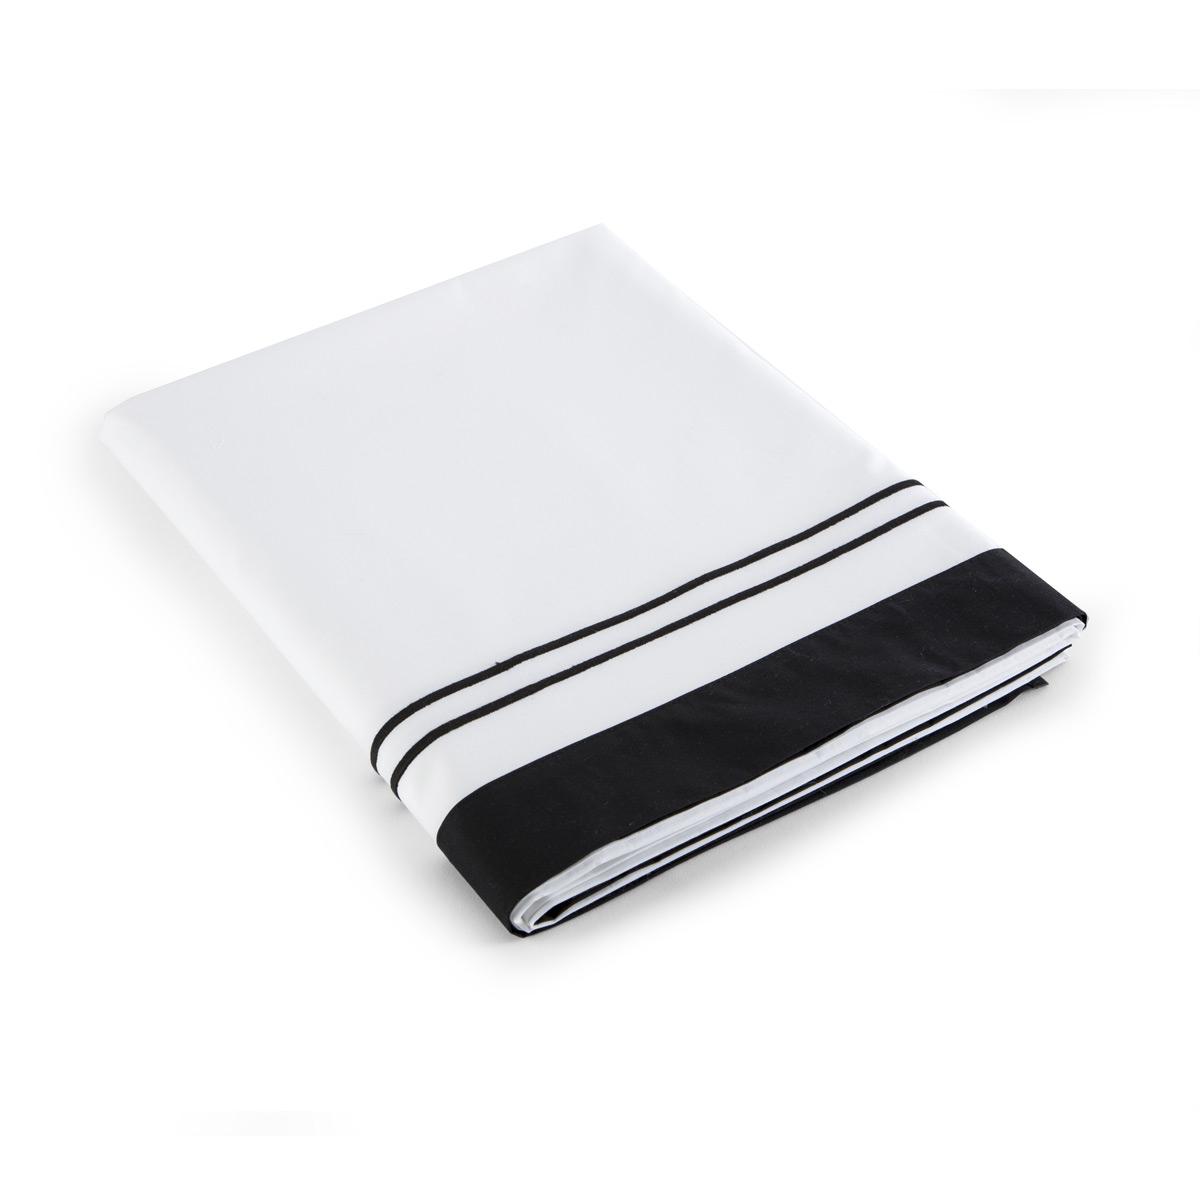 drap pompei percale 80fils soldes jusqu 39 55 tradition des vosges. Black Bedroom Furniture Sets. Home Design Ideas